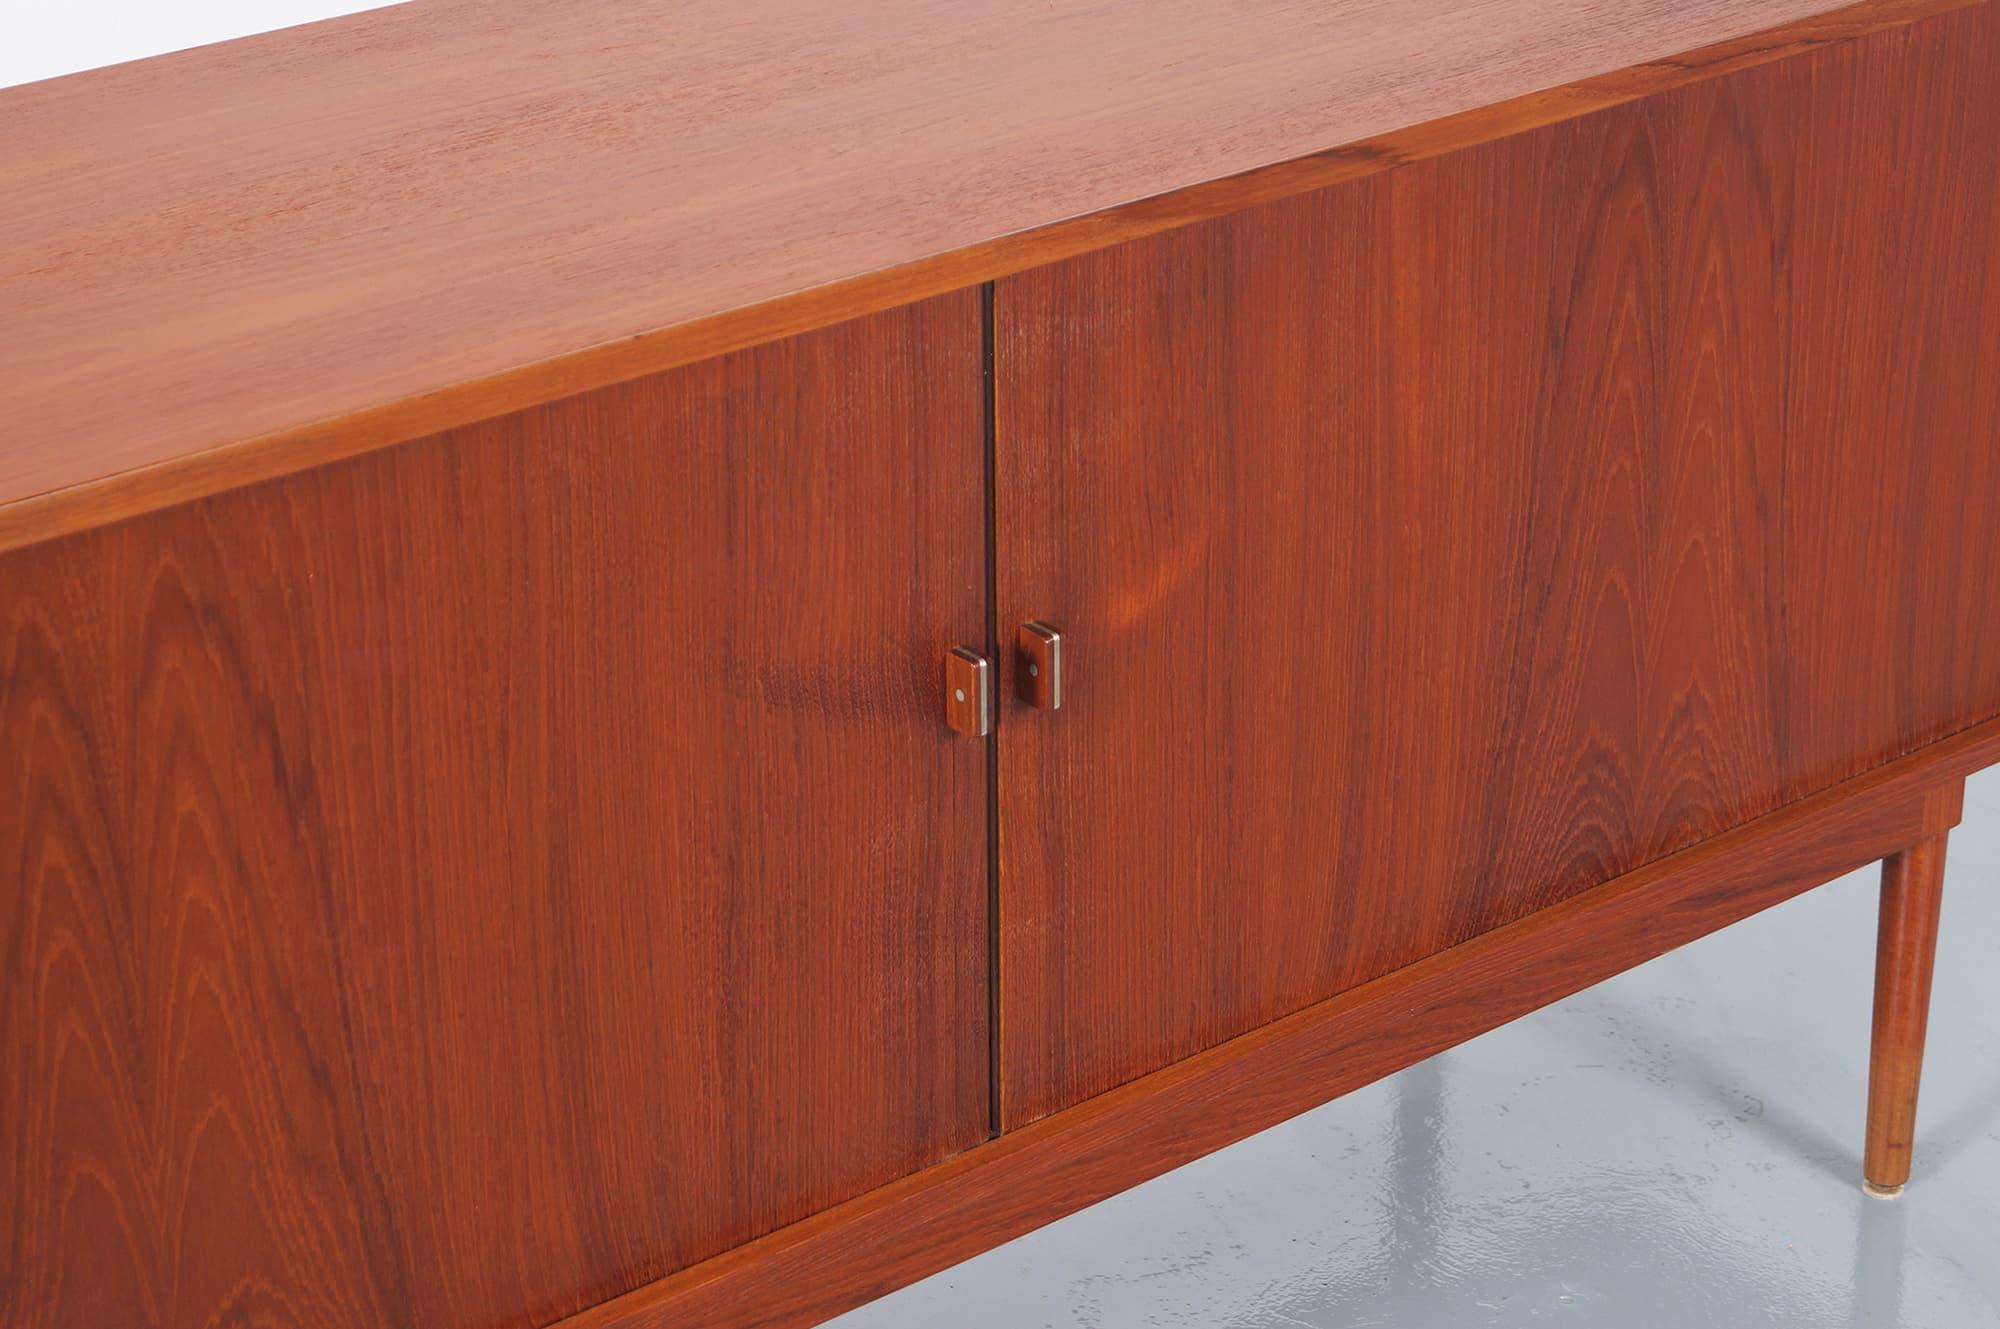 Danish Modern Tambour Door Credenza by Jens H. Quistgaard